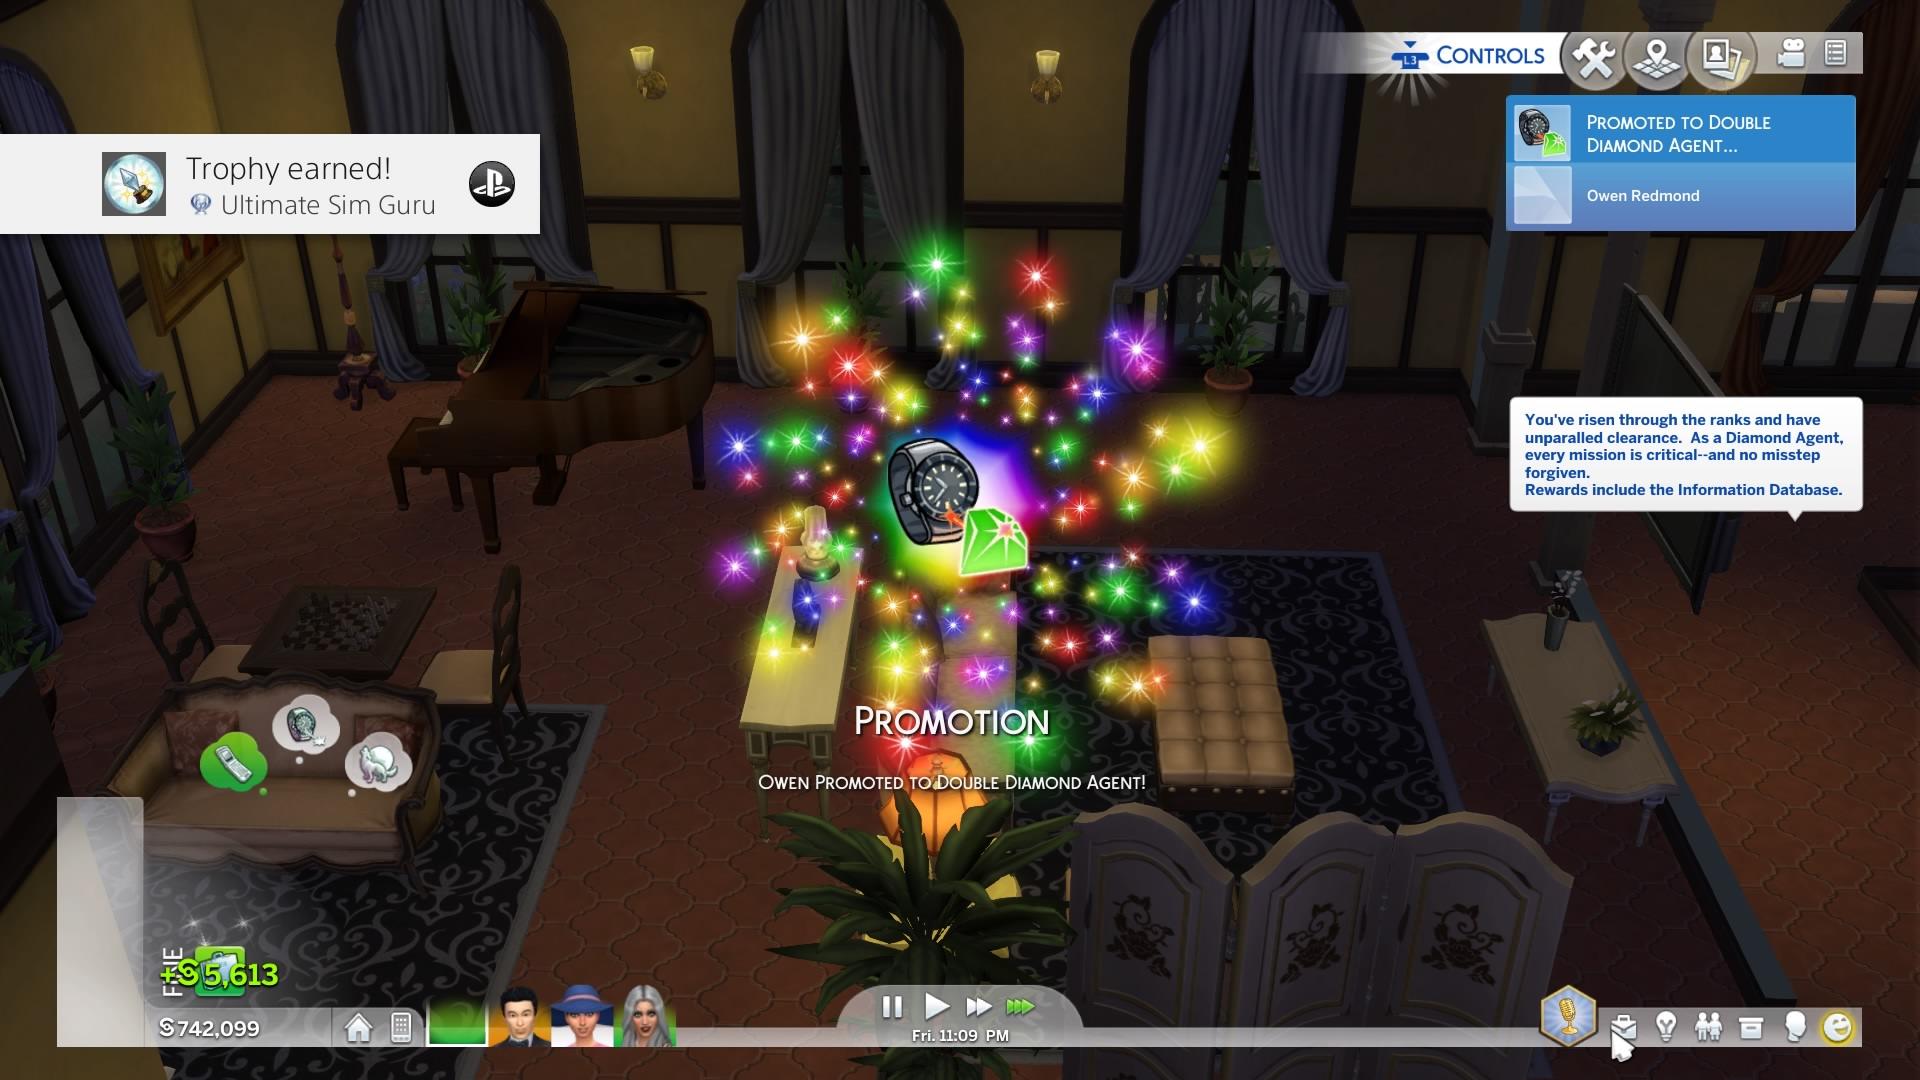 The Sims 4 platinum